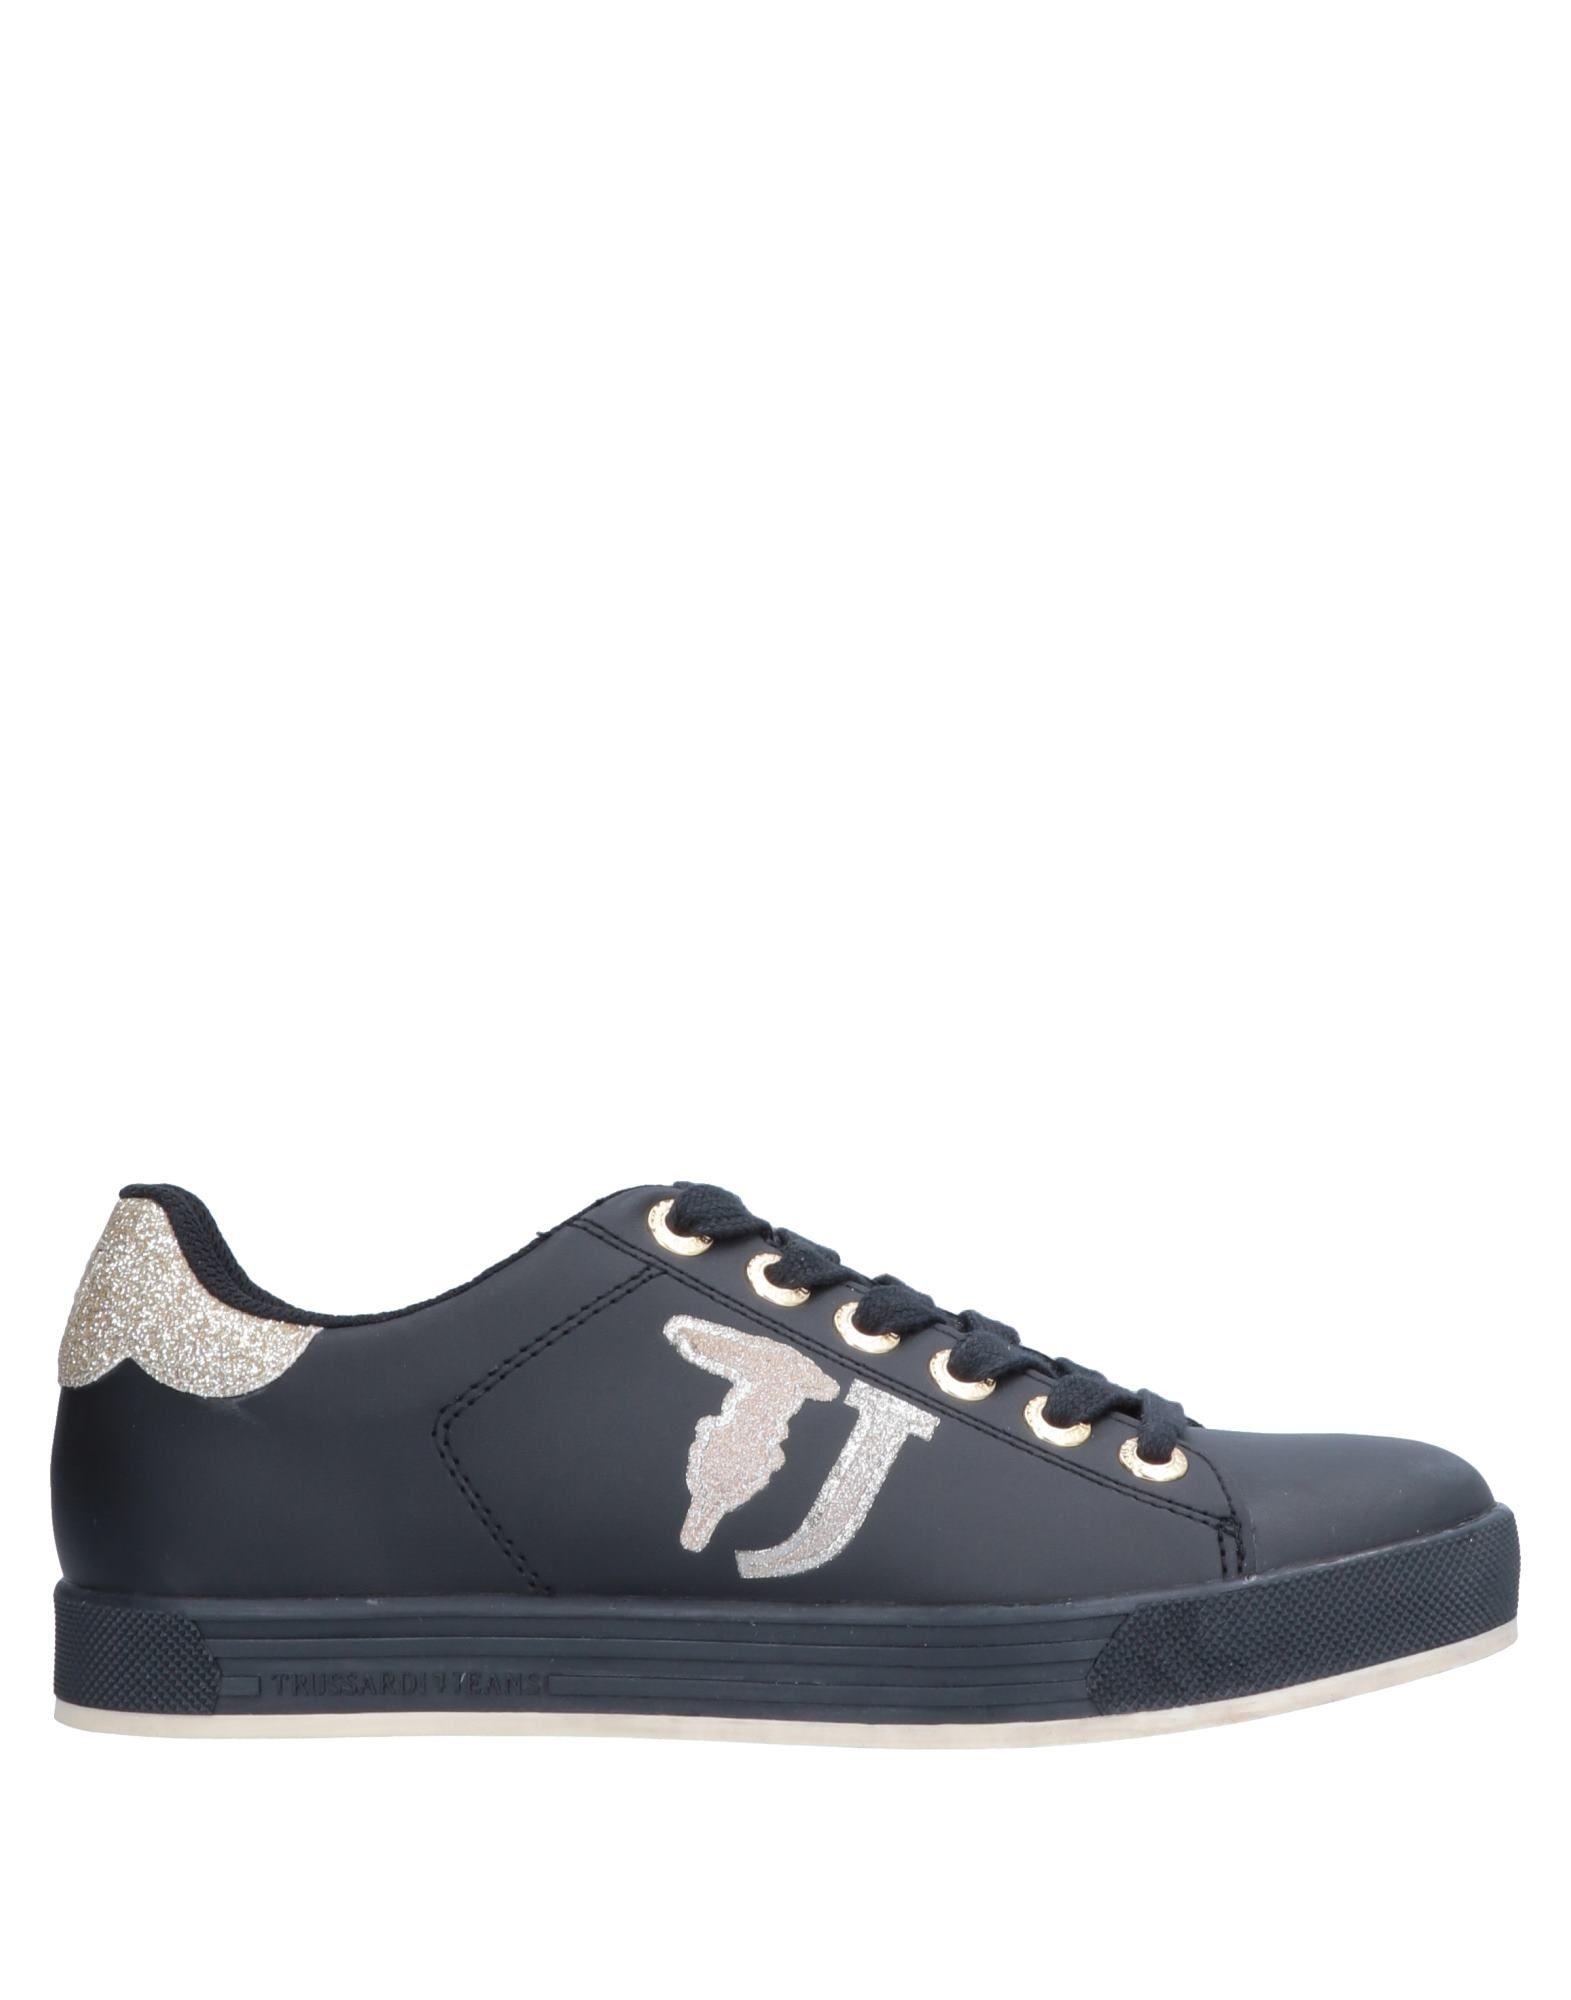 Trussardi Jeans Sneakers - Women Trussardi Jeans Sneakers - online on  Canada - Sneakers 11545915HN 2d0efe